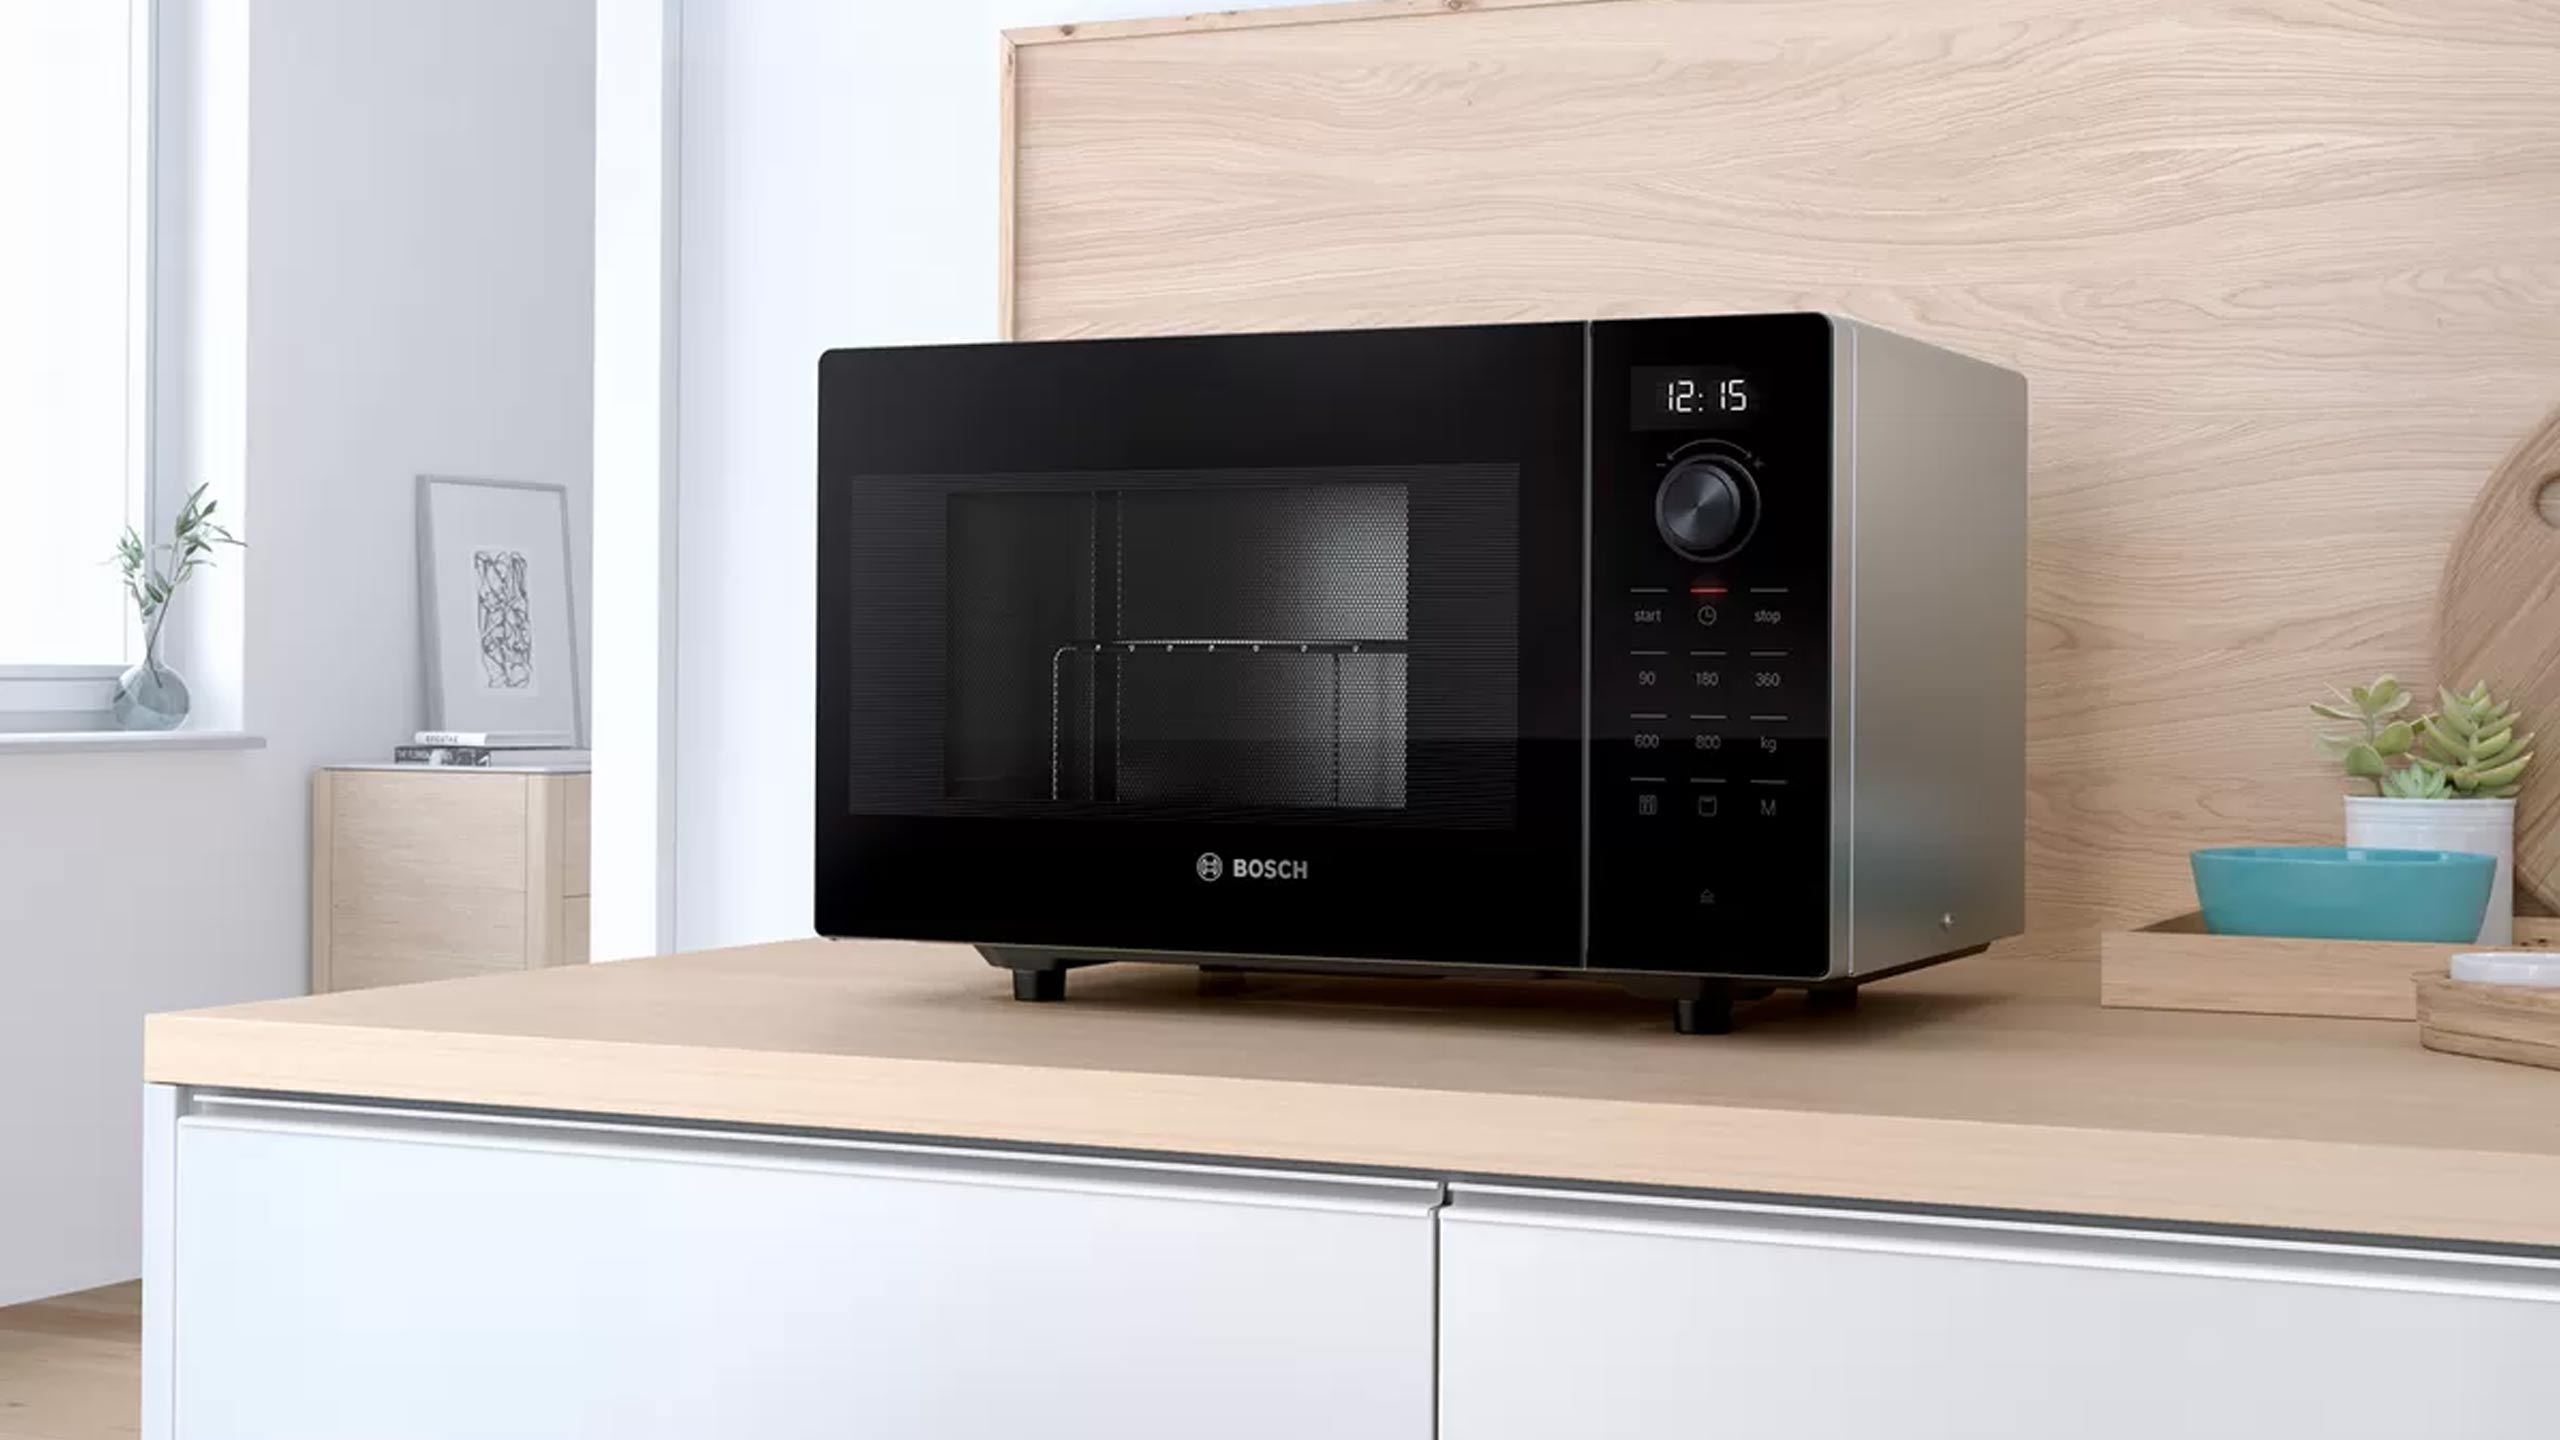 mikrowellen funktionen von a bis z erklärt header mit bosch mikrowelle im küchen staude magazin